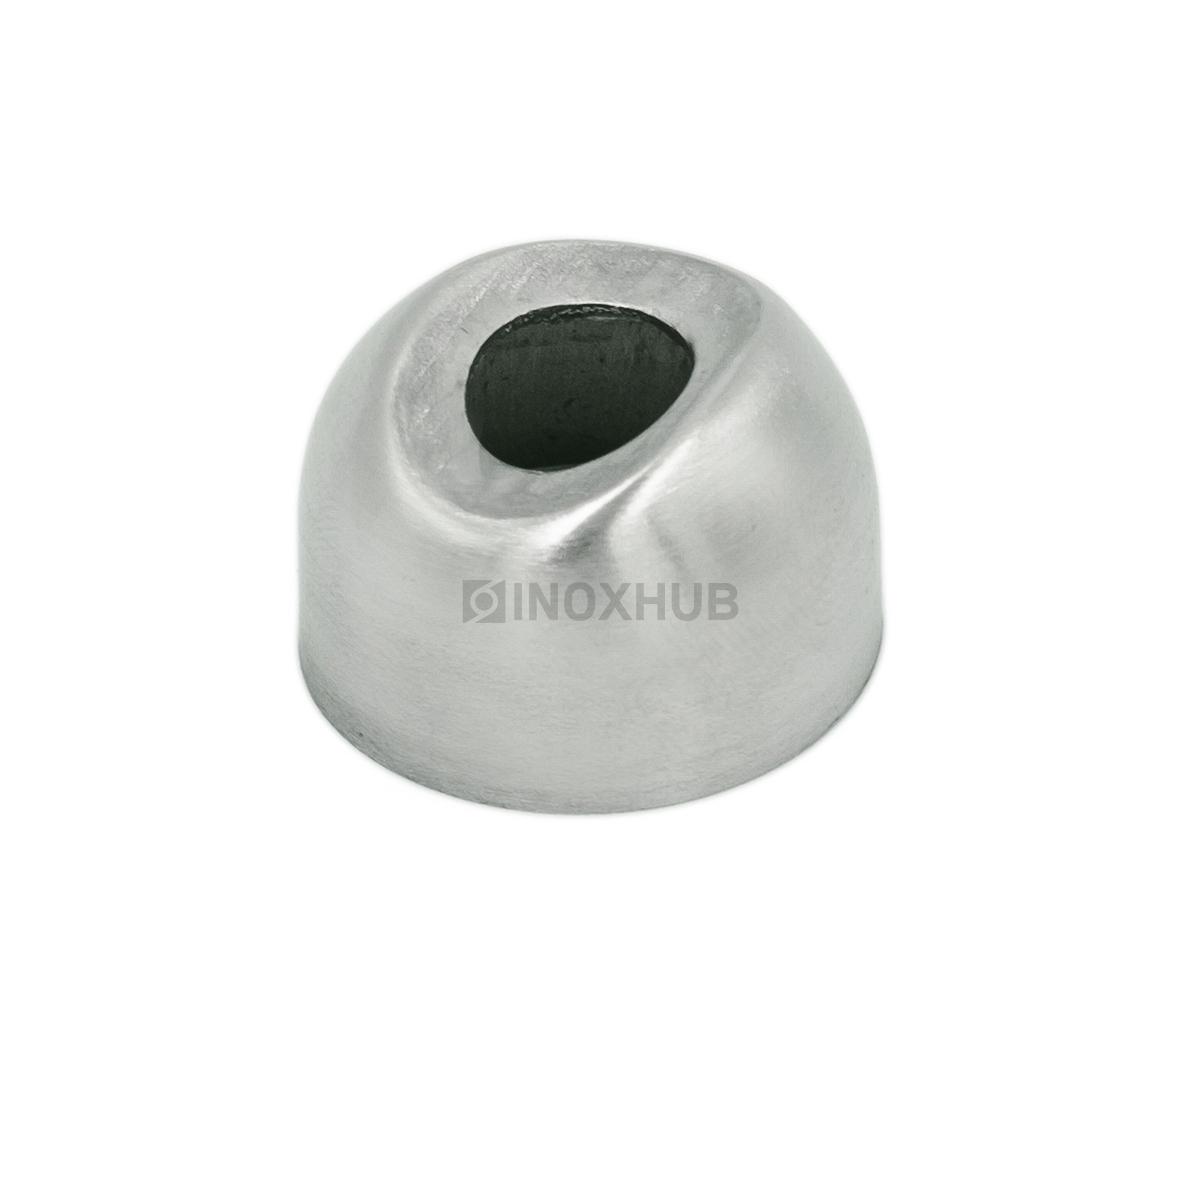 Соединение поручня со стойкой штамп. под 90°  Ø25.4 мм AISI 304 GRIT 320